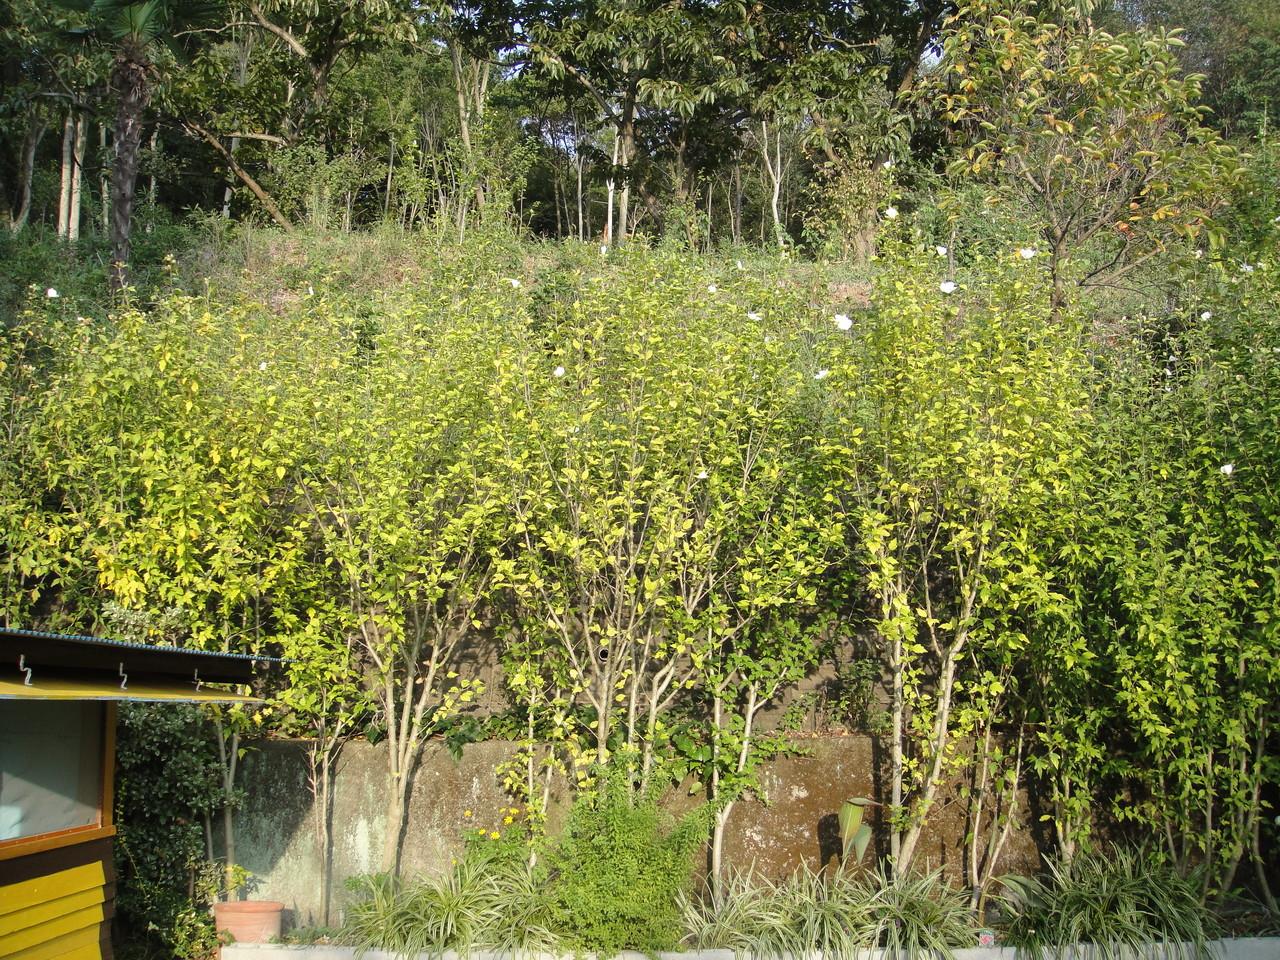 暑さや寒さにも強い丈夫でつくりやすい花木のムクゲ。水不足には勝てず枯れはしないものの葉は、黄色く花もほとんど咲きません